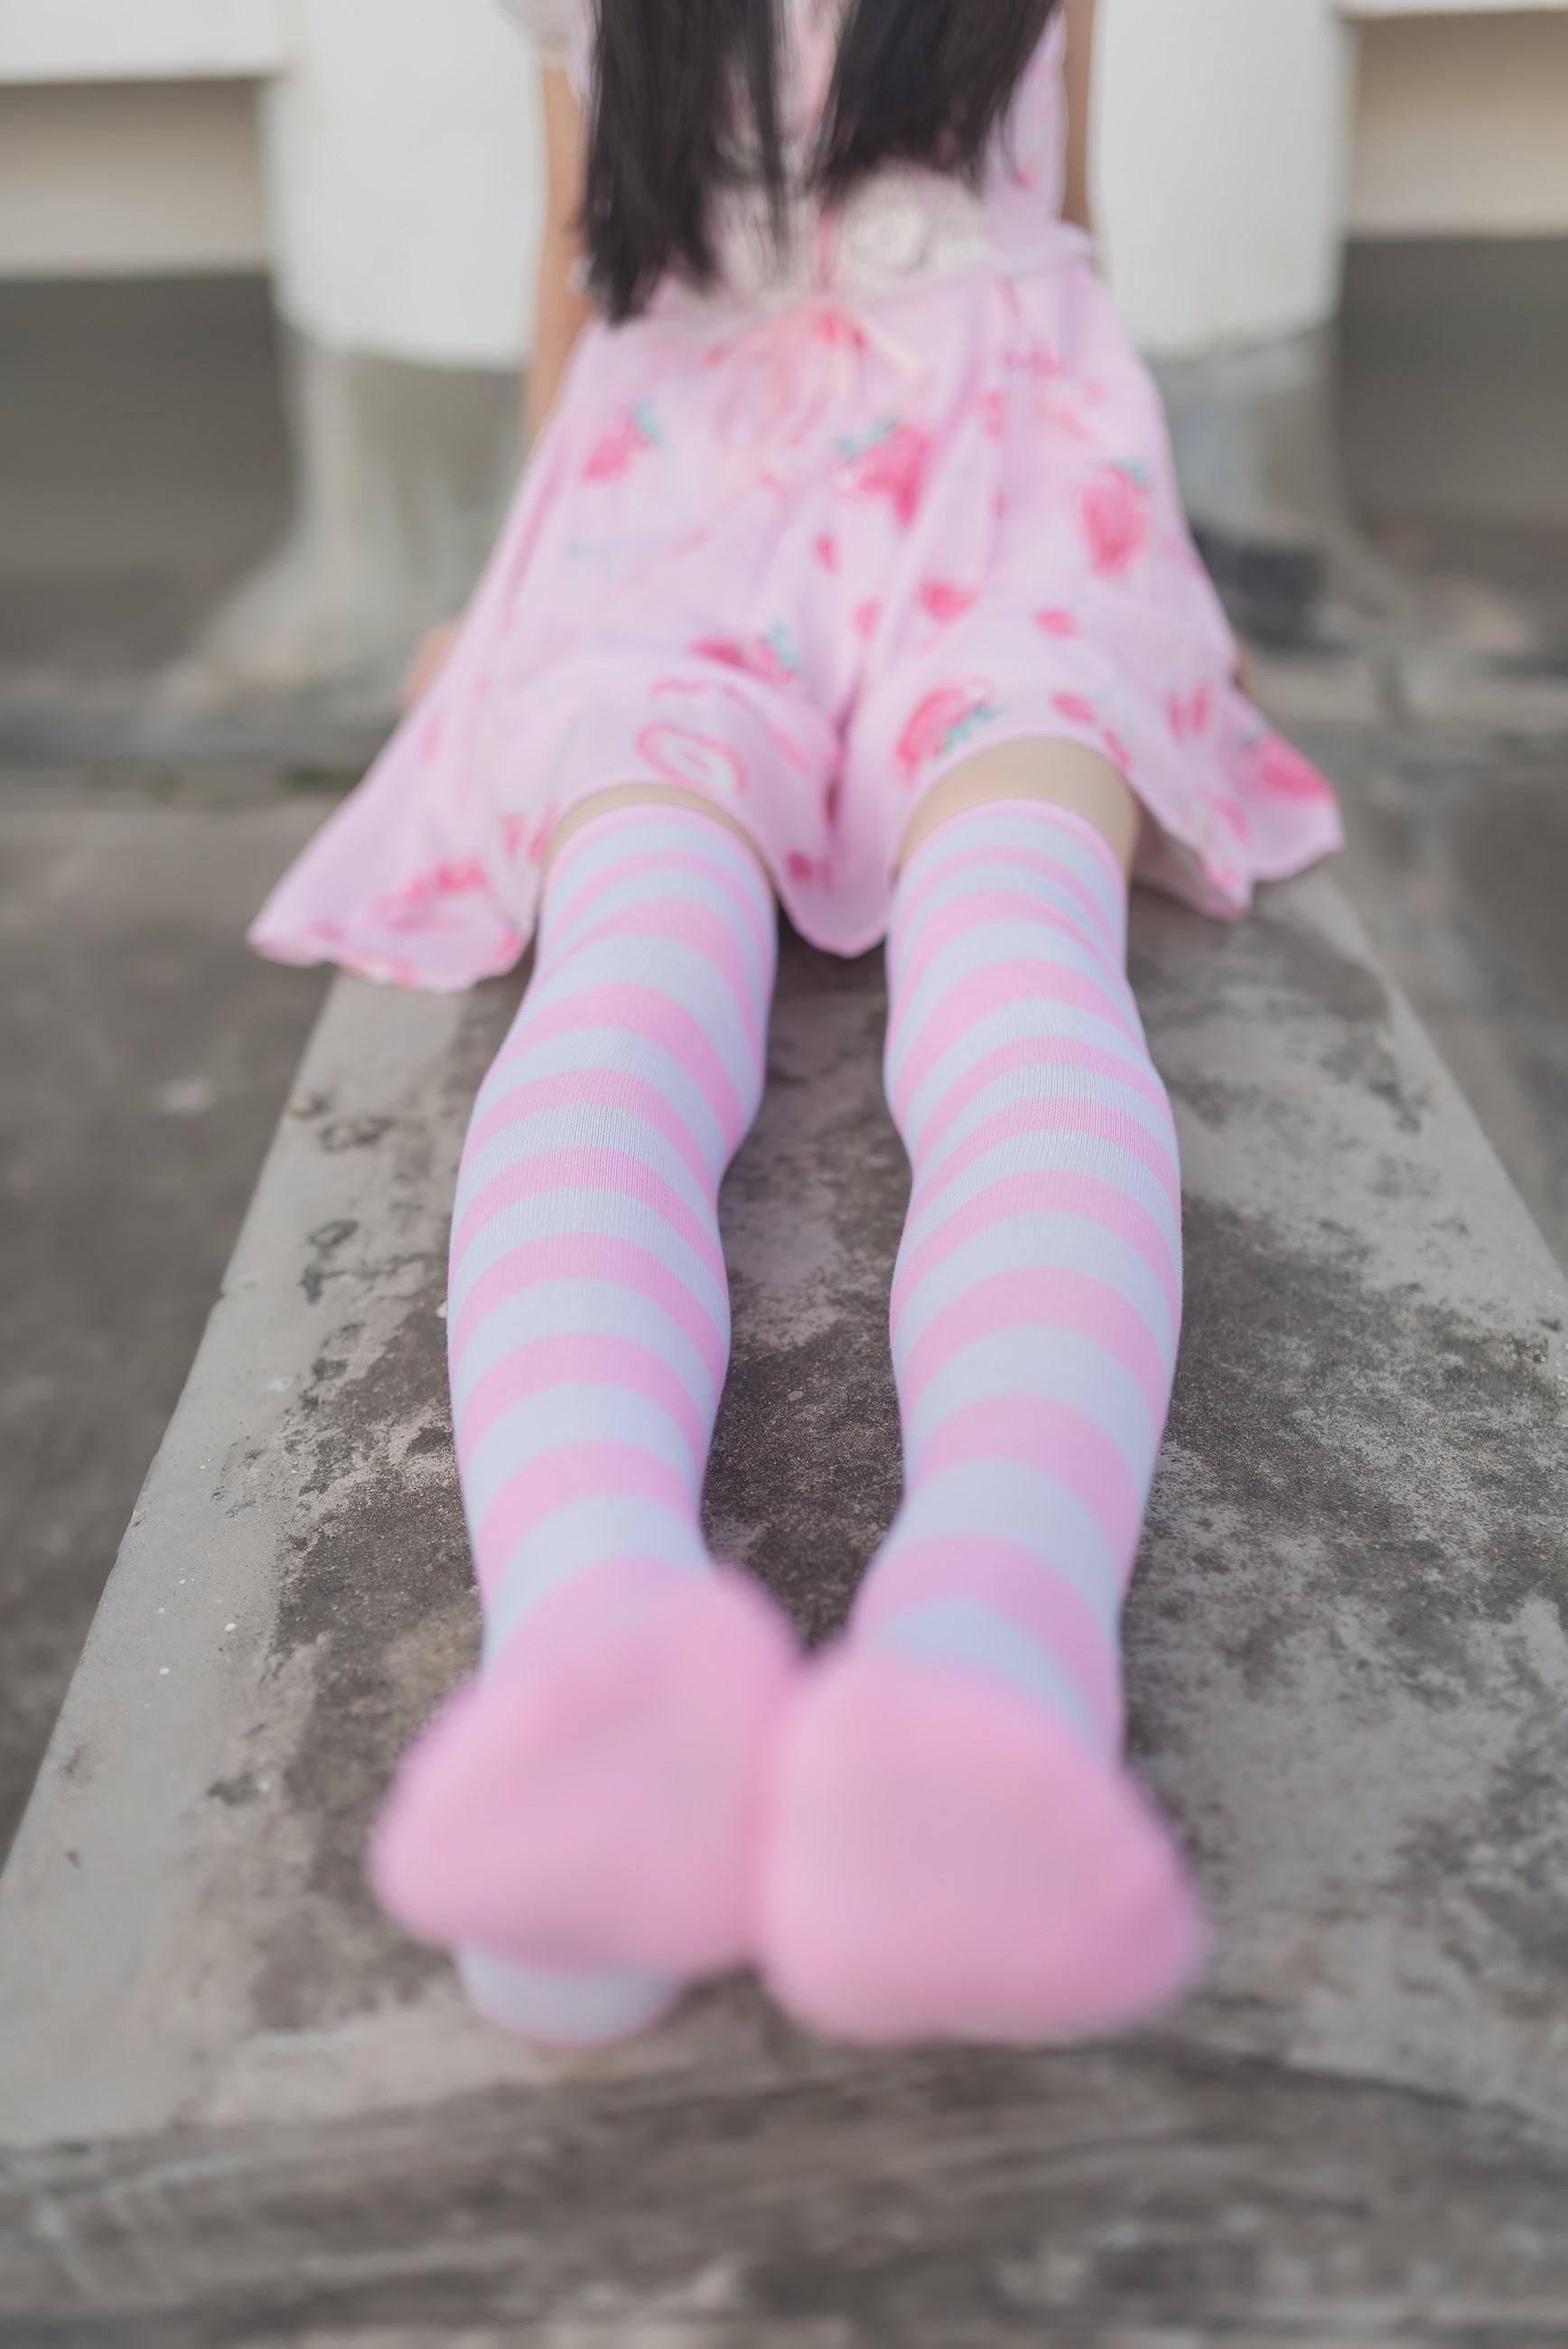 【兔玩映画】粉白条纹 兔玩映画 第7张